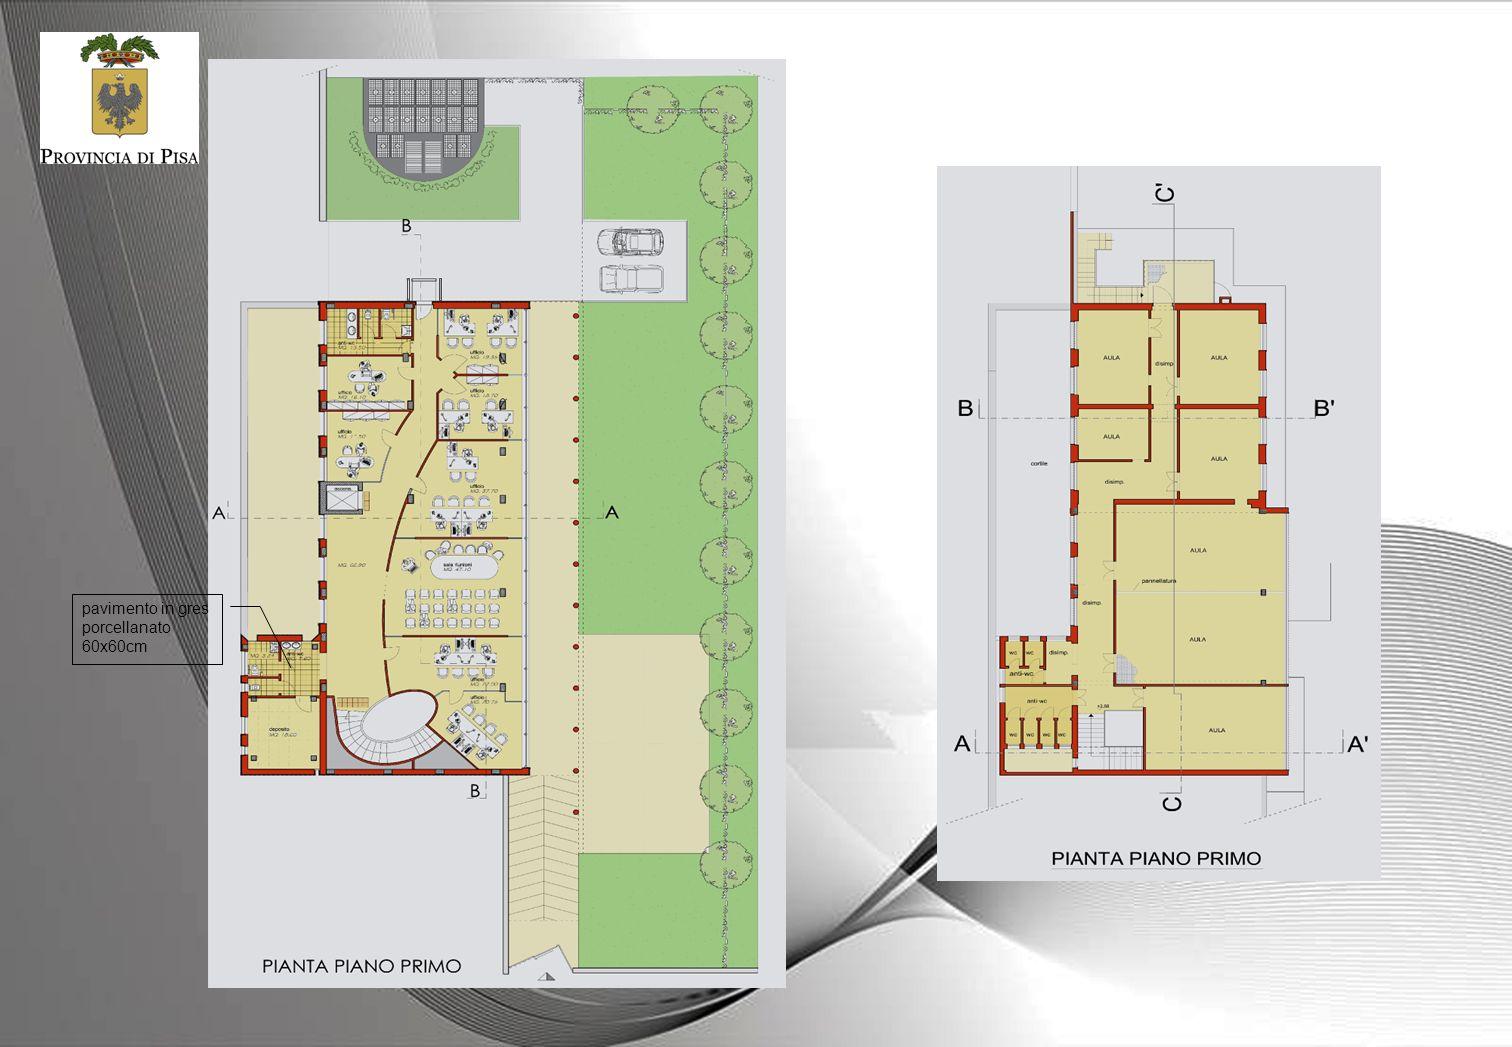 pavimento in gres porcellanato 60x60cm